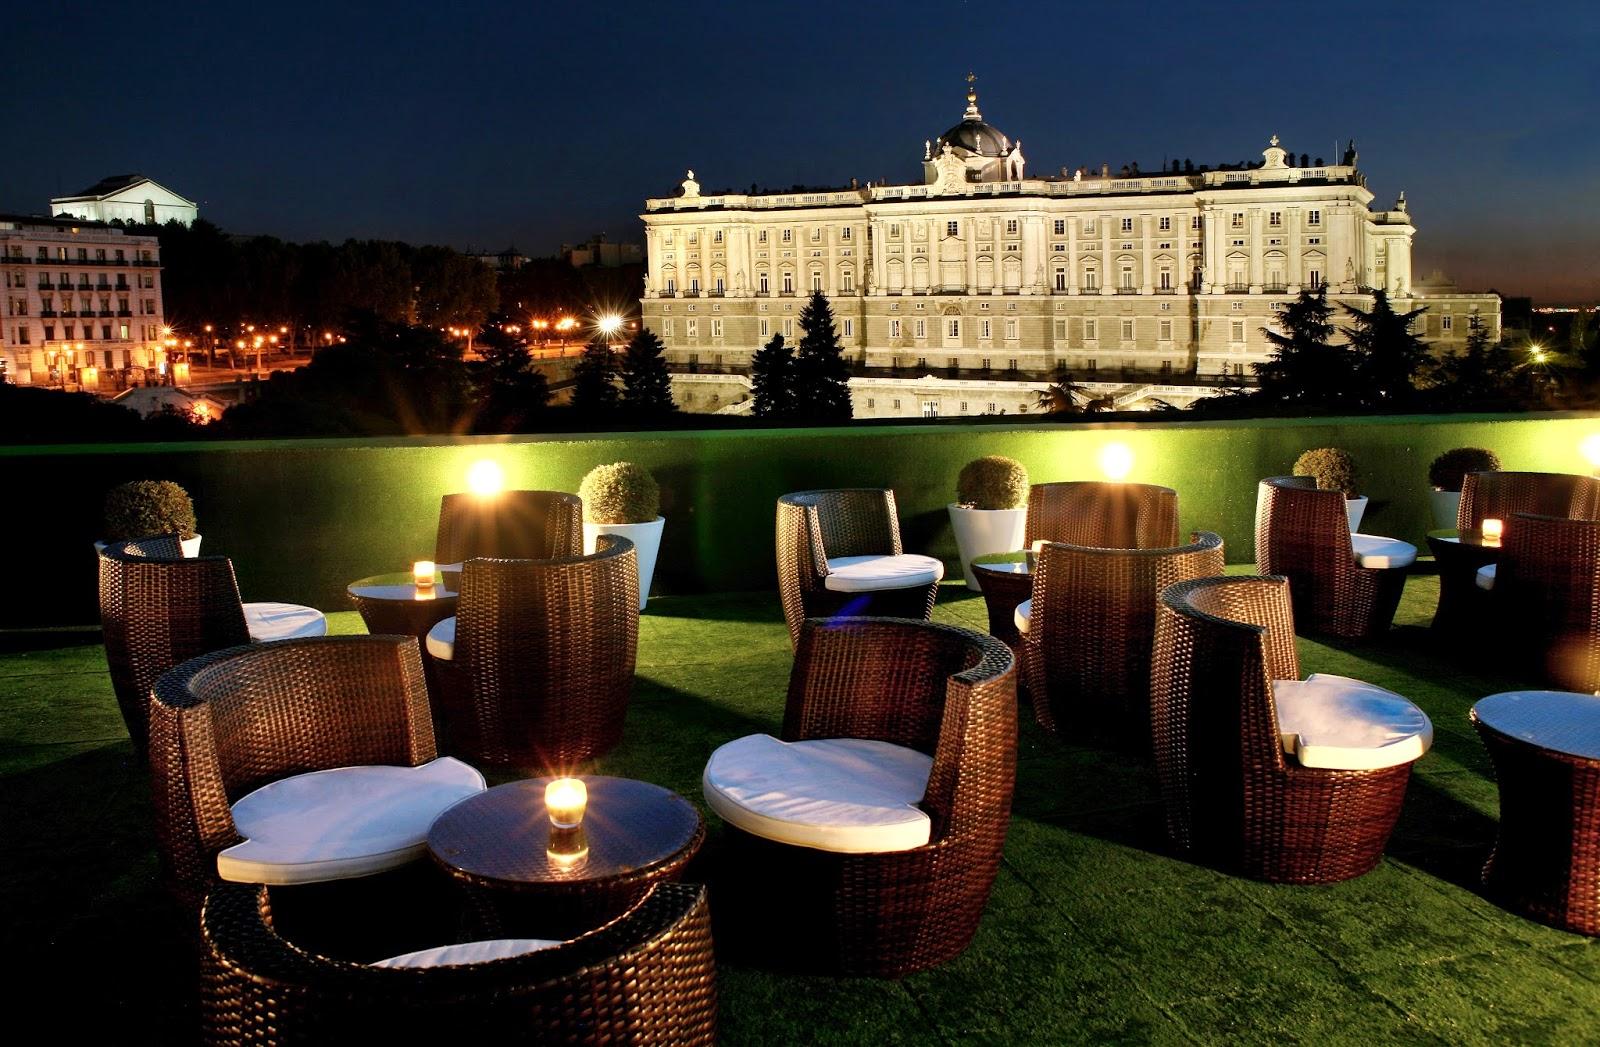 Azoteas y terrazas de hotel con vistas maravillosas de madrid for Hotel jardines sabatini